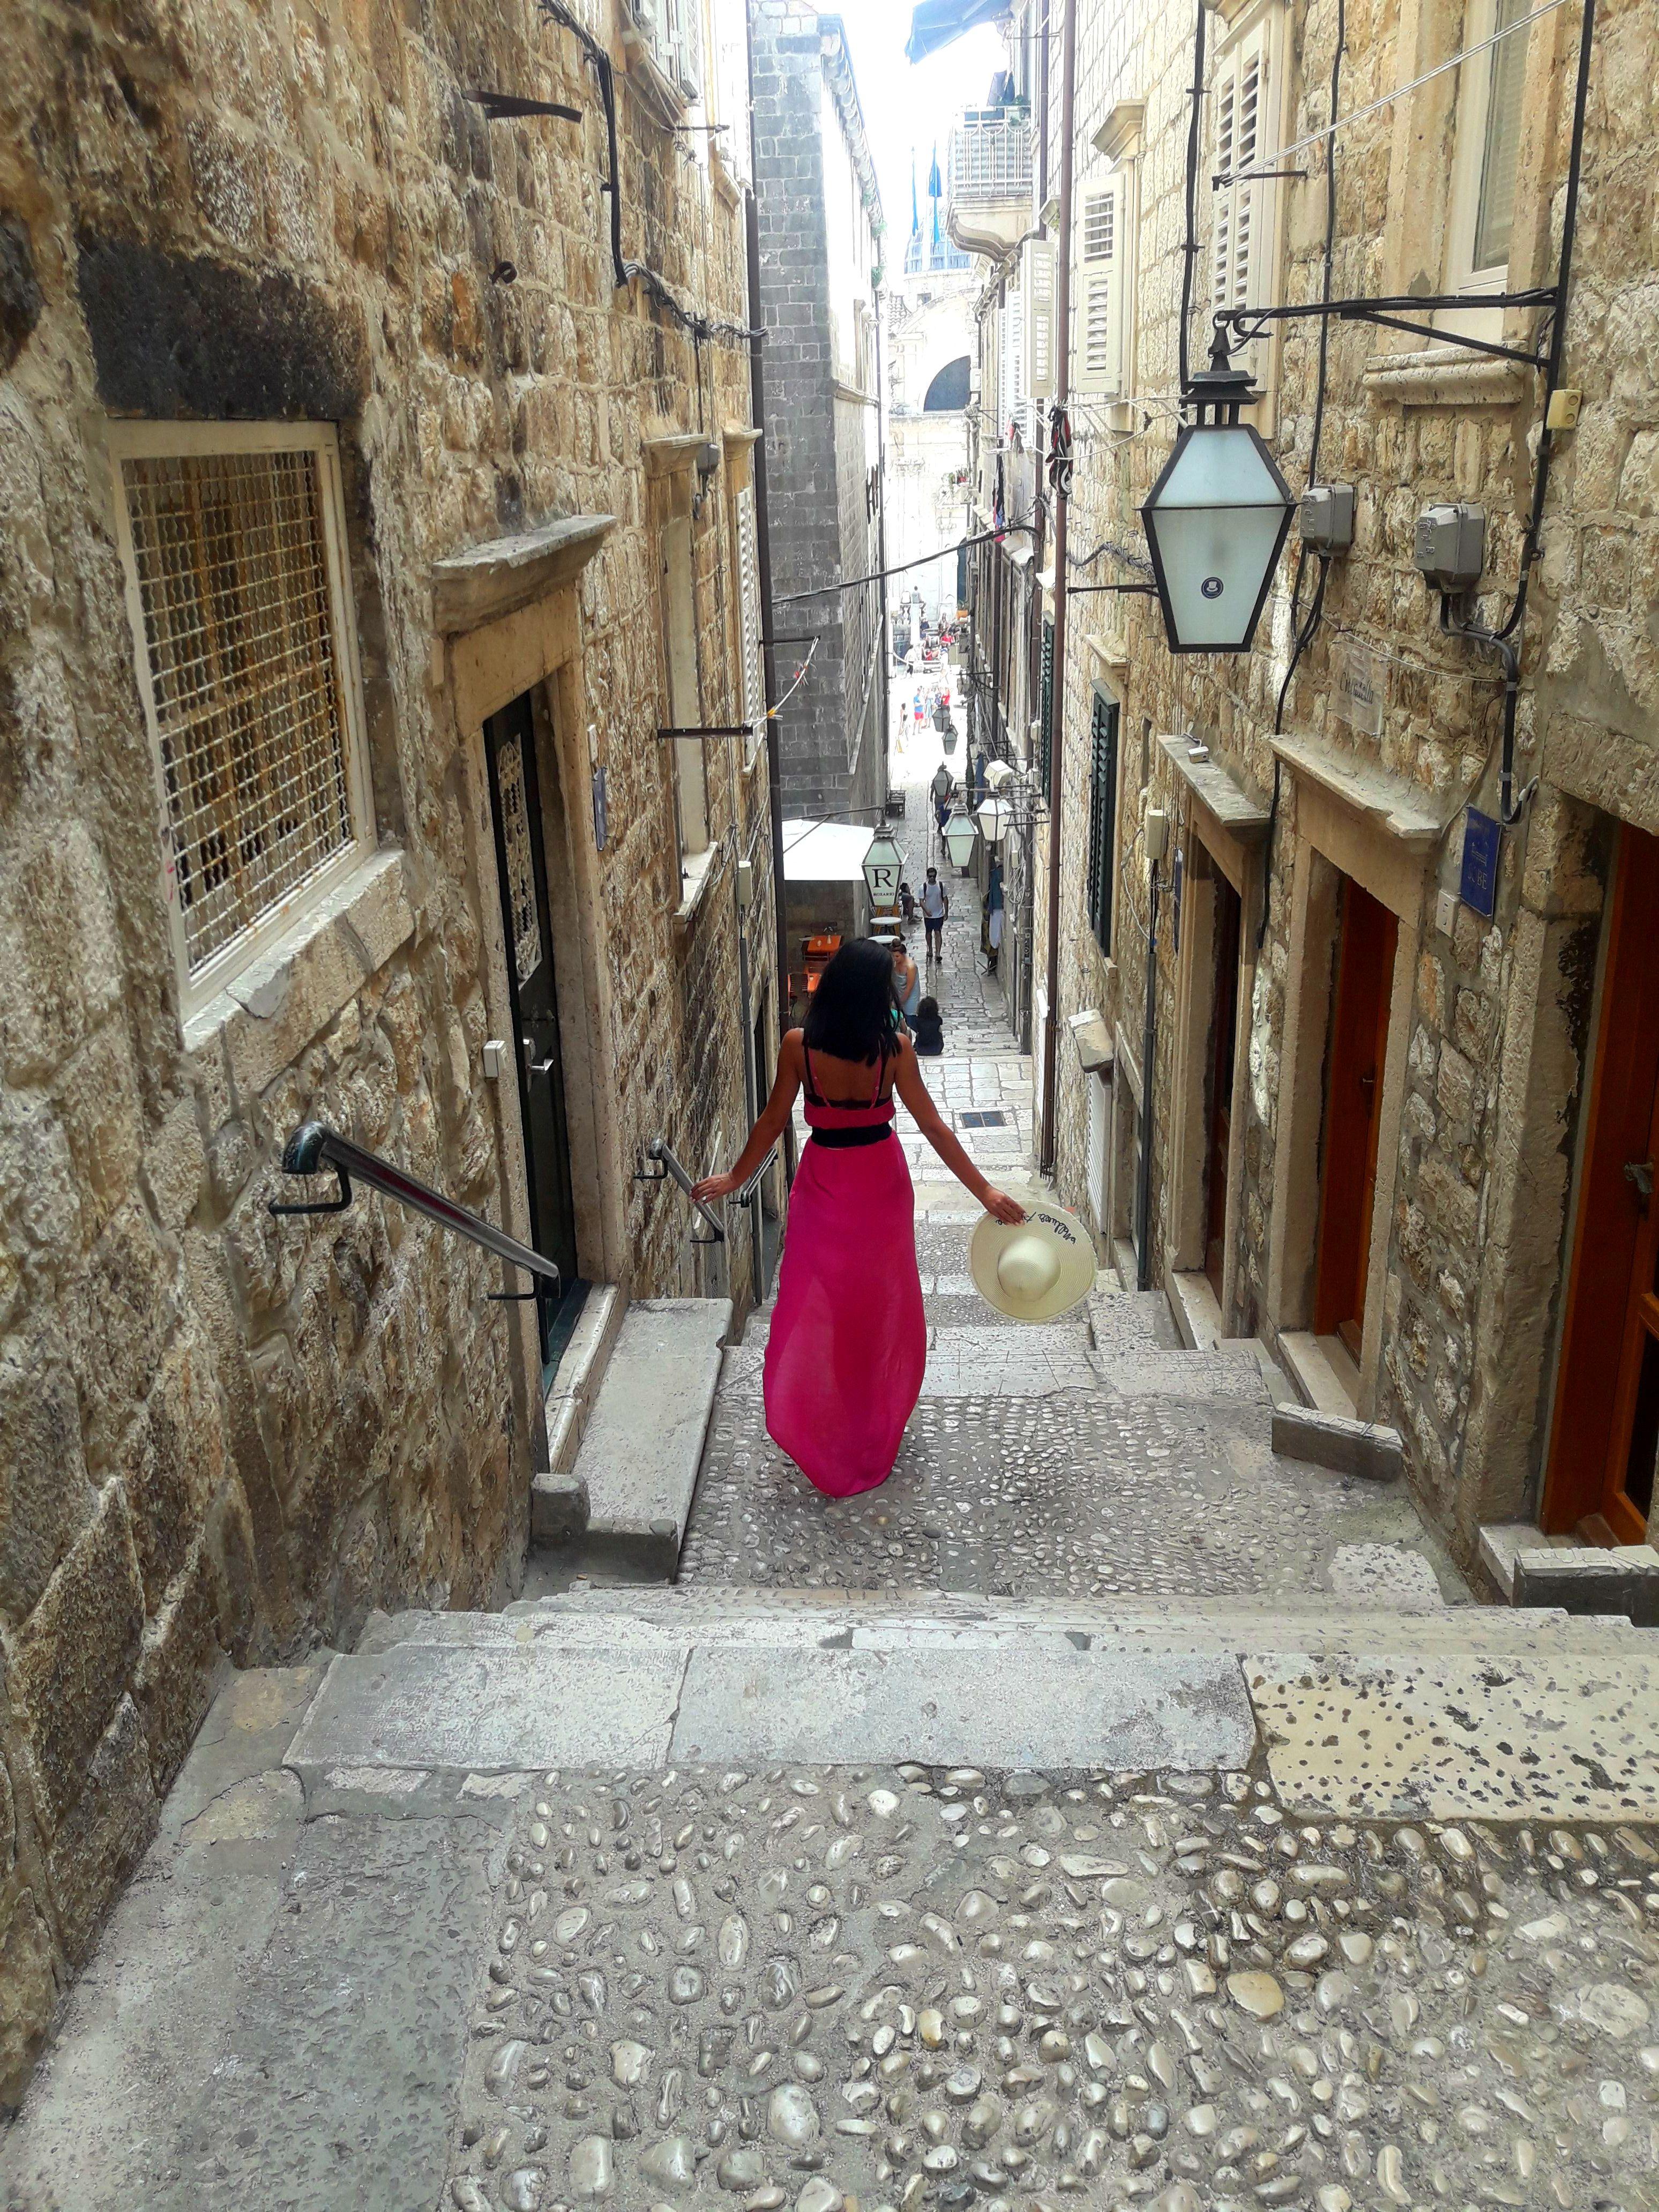 străduțe înguste din Dubrovnik, Croatia